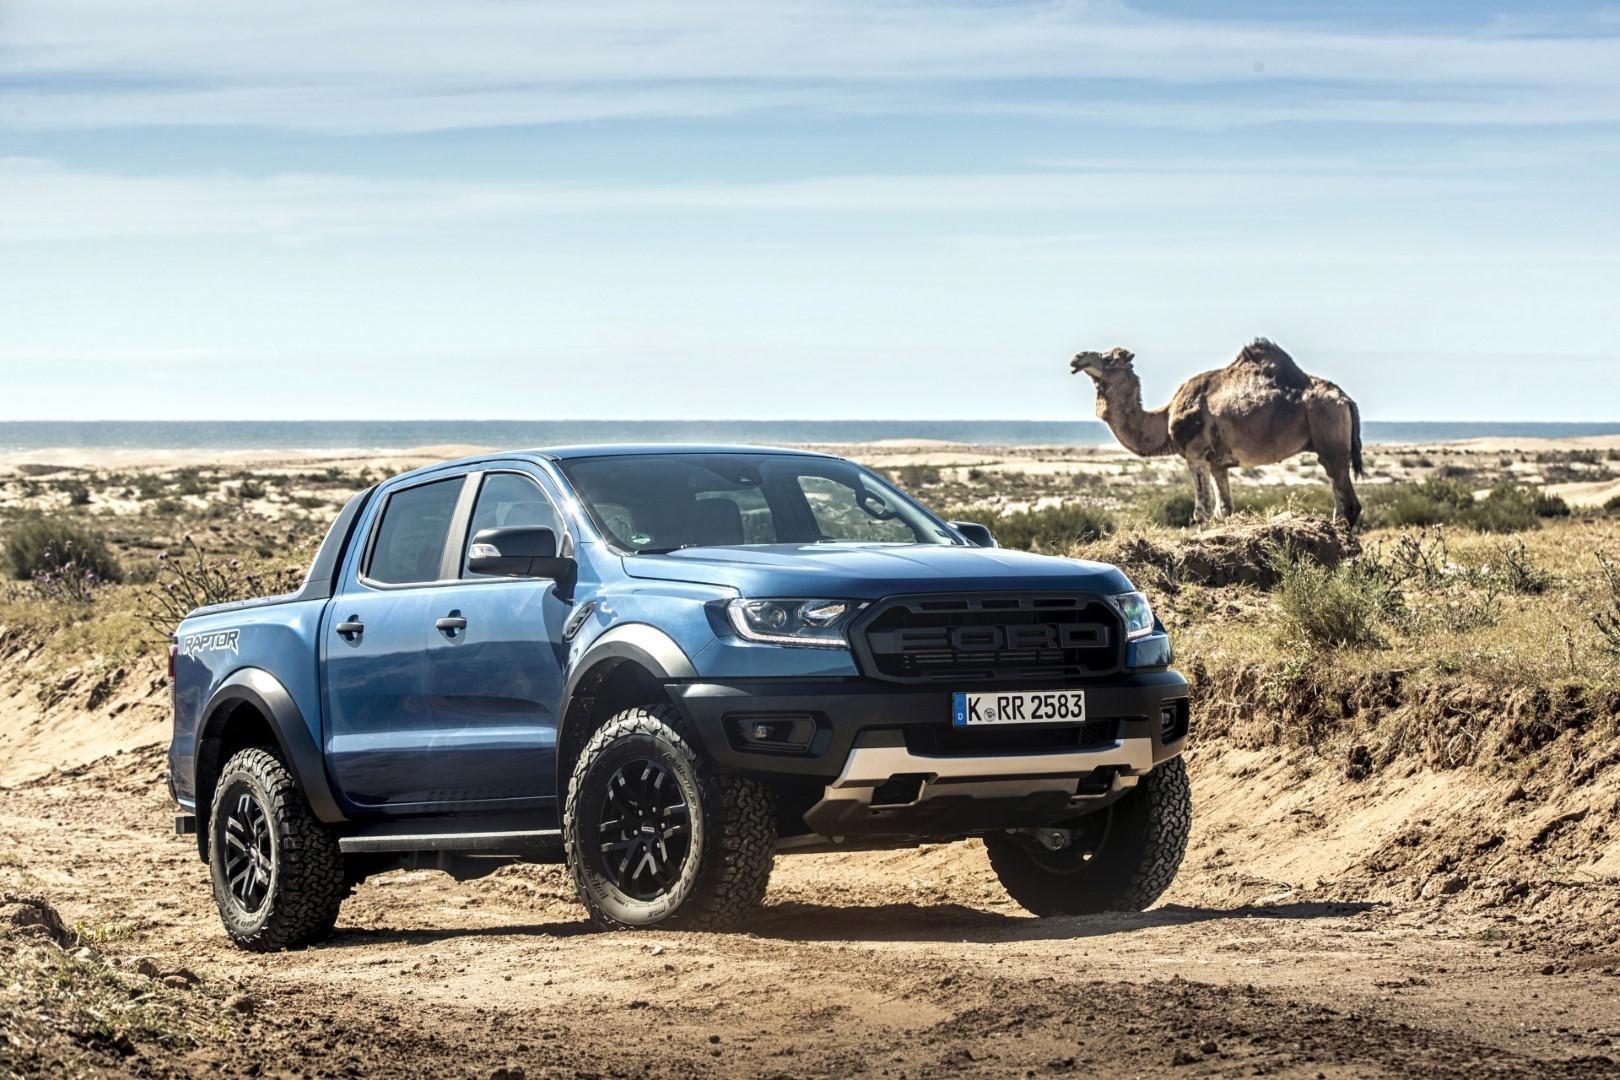 Le Ford Ranger Raptor débarque officellement au Maroc